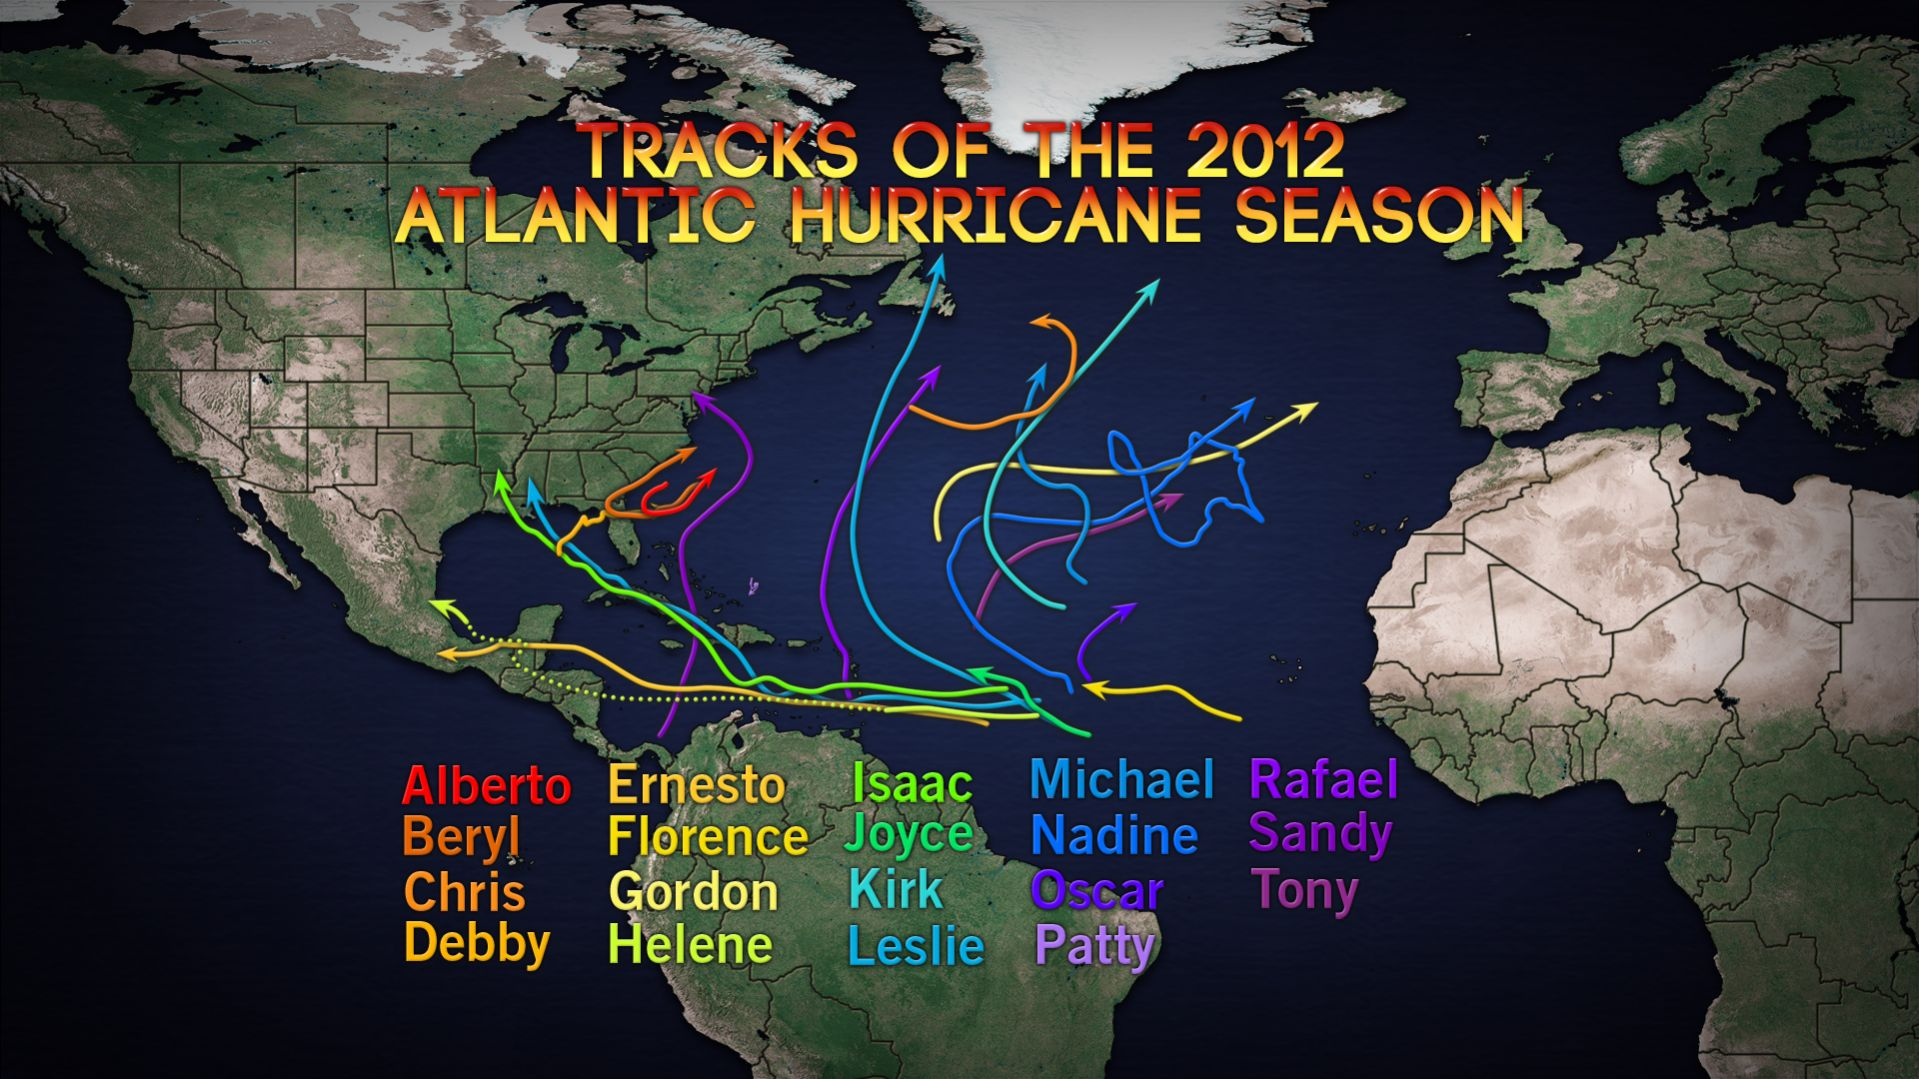 Las 19 tormentas de este año en el Atlántico. Fuente: AccuWeather.